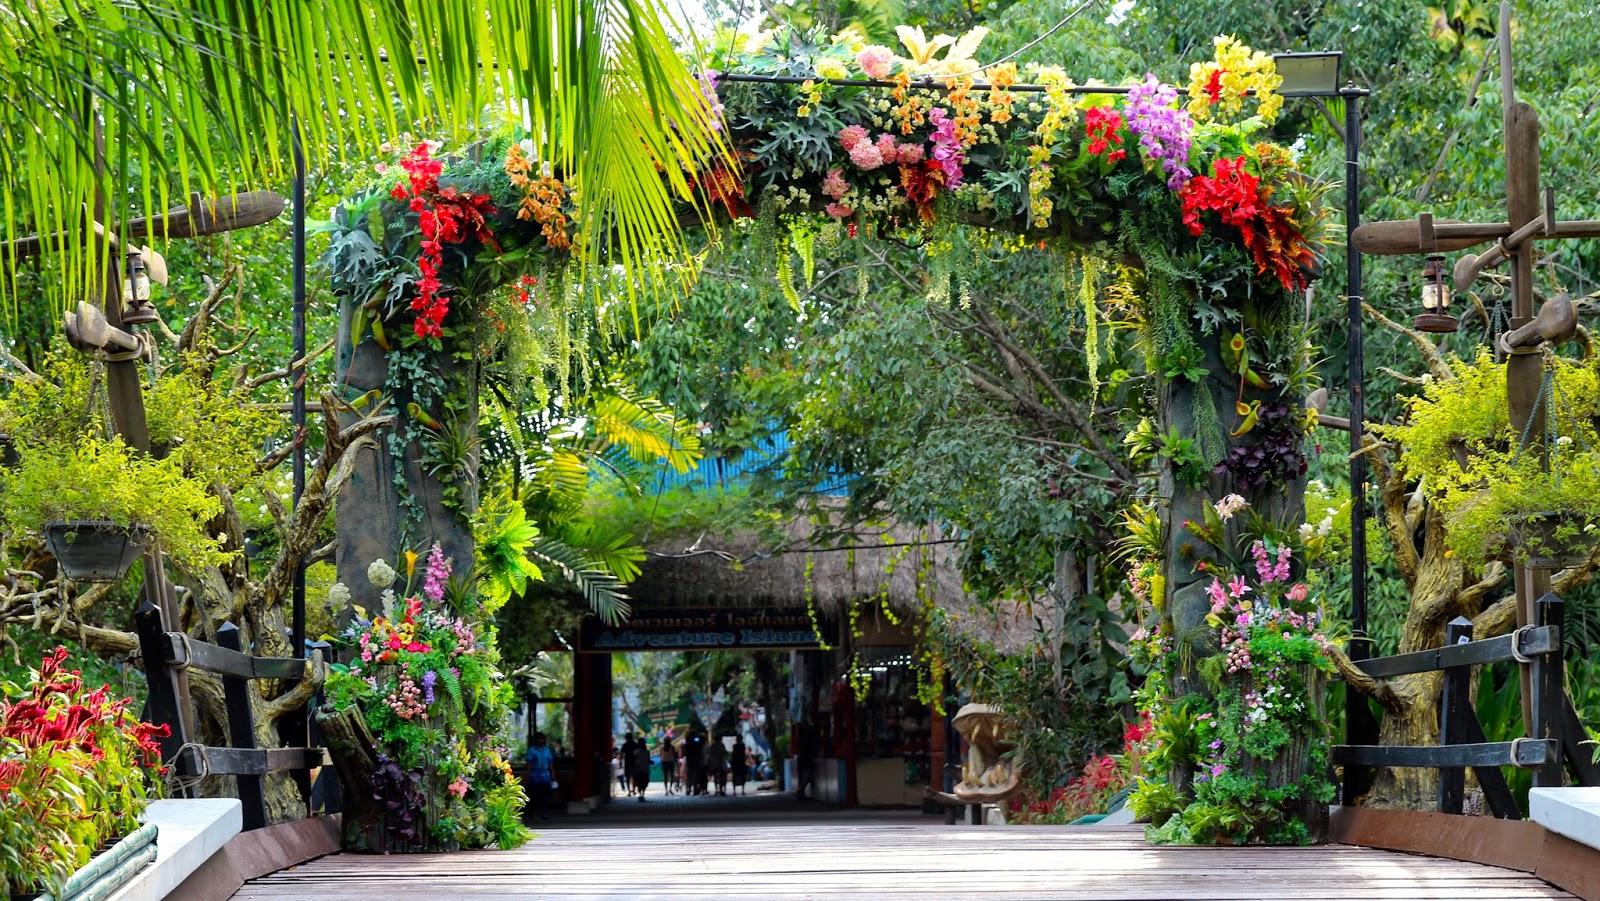 A welcome gate at Safari World Bangkok